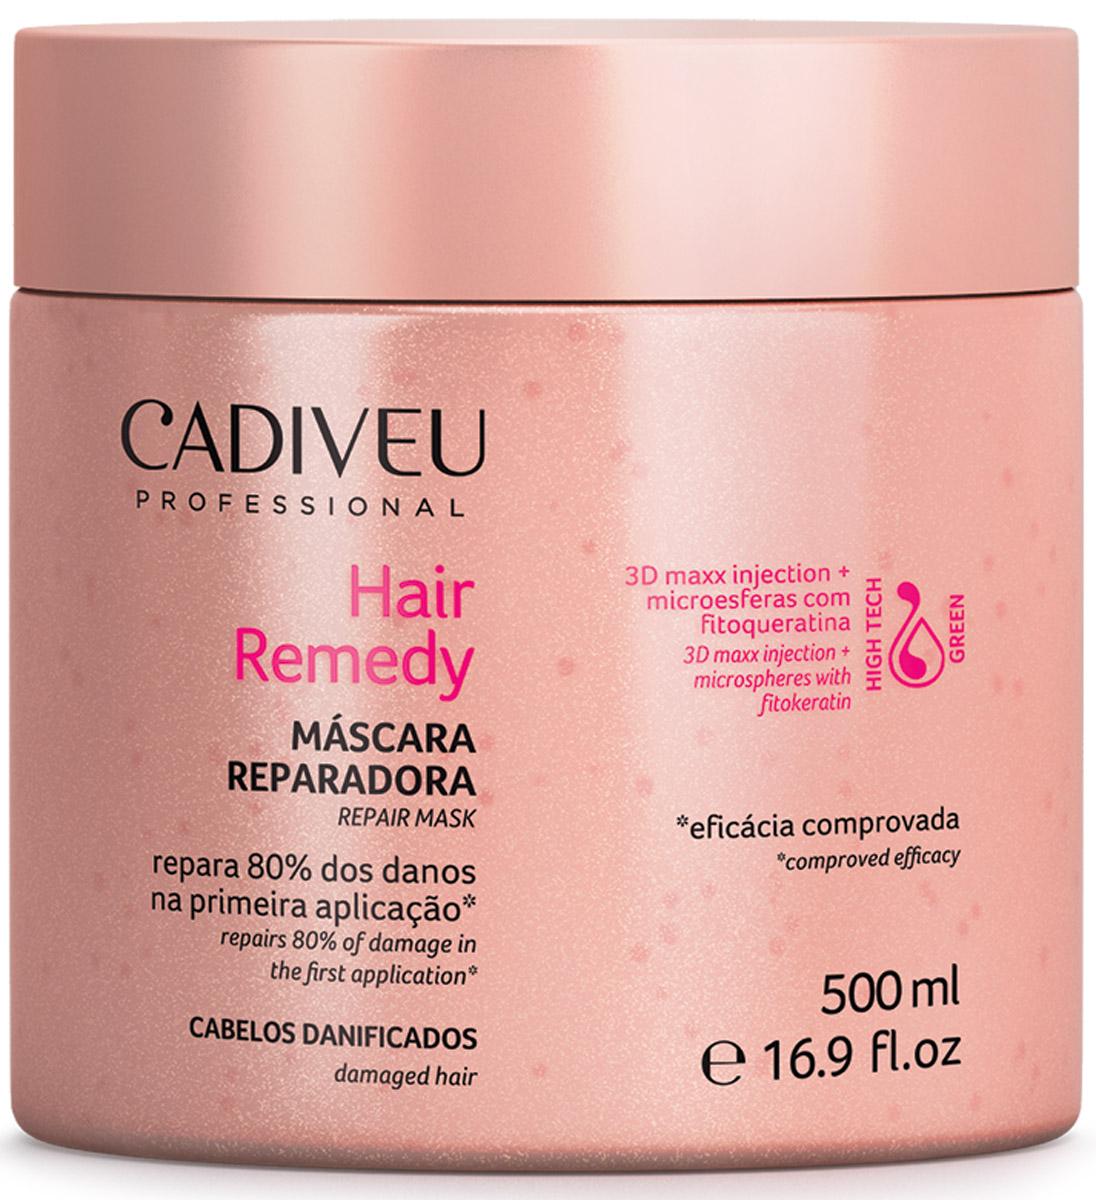 Cadiveu Маска Hair Remedy, 500 млPA0105Восстанавливающая маска -богата микрокапсулами с фитокератином, которые воздействуют на кортекс волоса, позволяя восстановить их на 97% с первого применения. Интенсивно питает и запечатывает кутикулу волоса, снижая пористость.